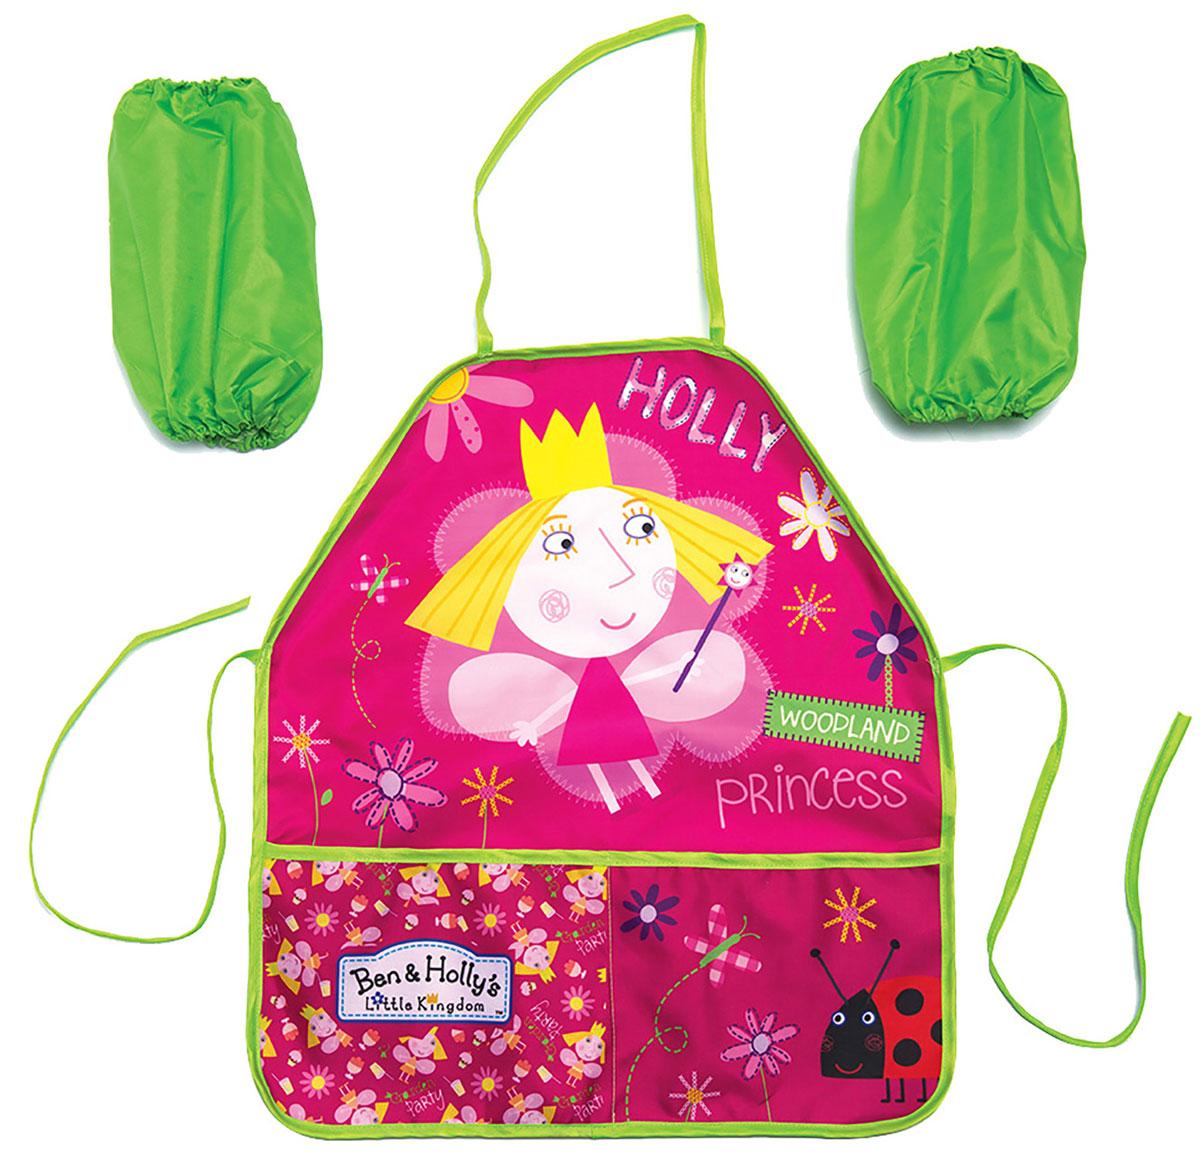 Ben&Holly Фартук детский с нарукавниками Бен и Холли цвет розовый светло-зеленый -  Аксессуары для труда